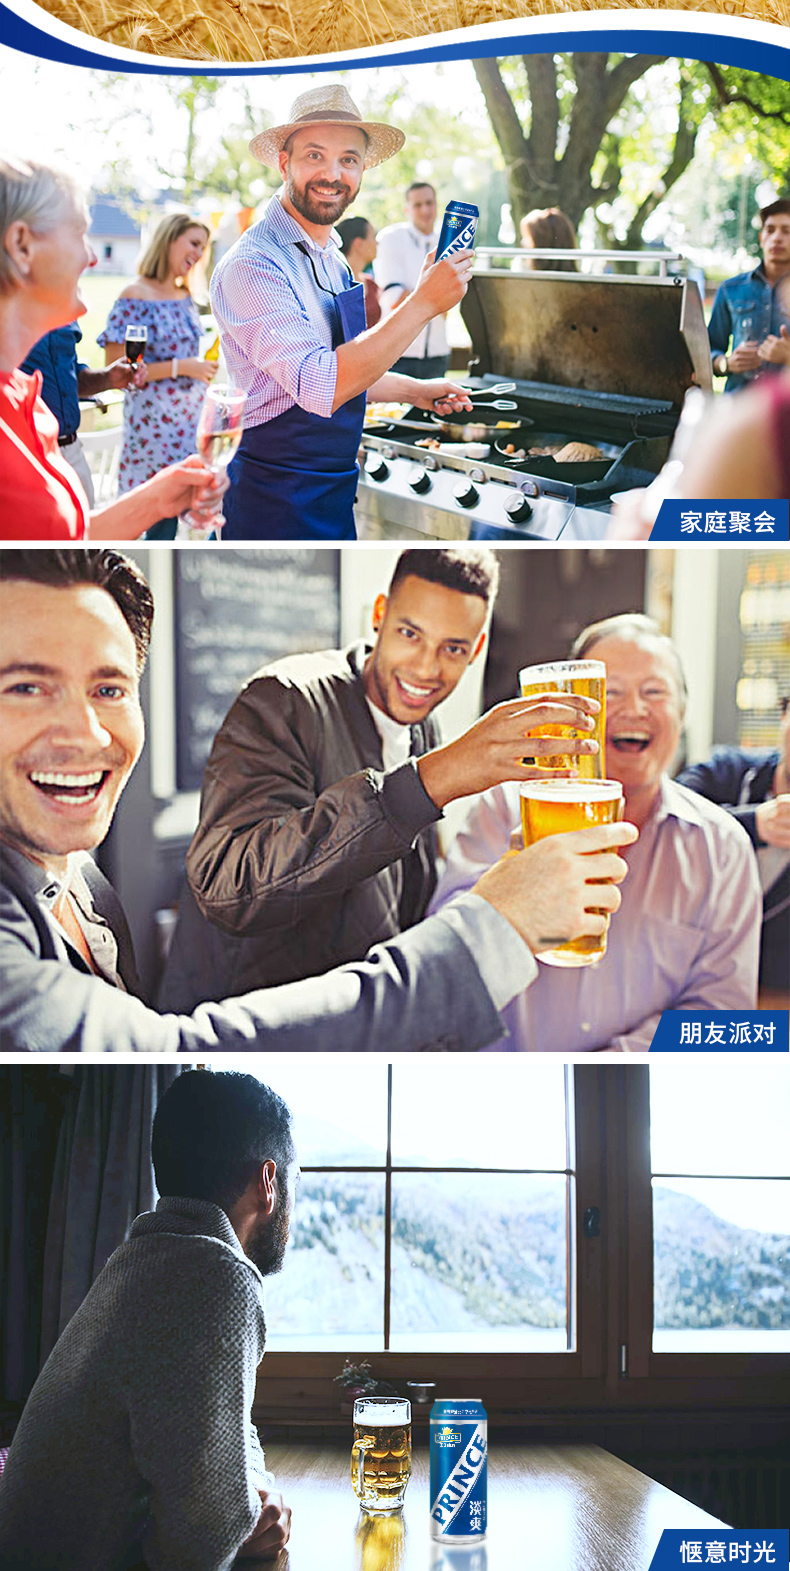 青岛啤酒高端组合:青岛小棕金 296mlx24瓶+王子啤酒500mlx12听 124元包邮,赠纯生6听 买手党-买手聚集的地方